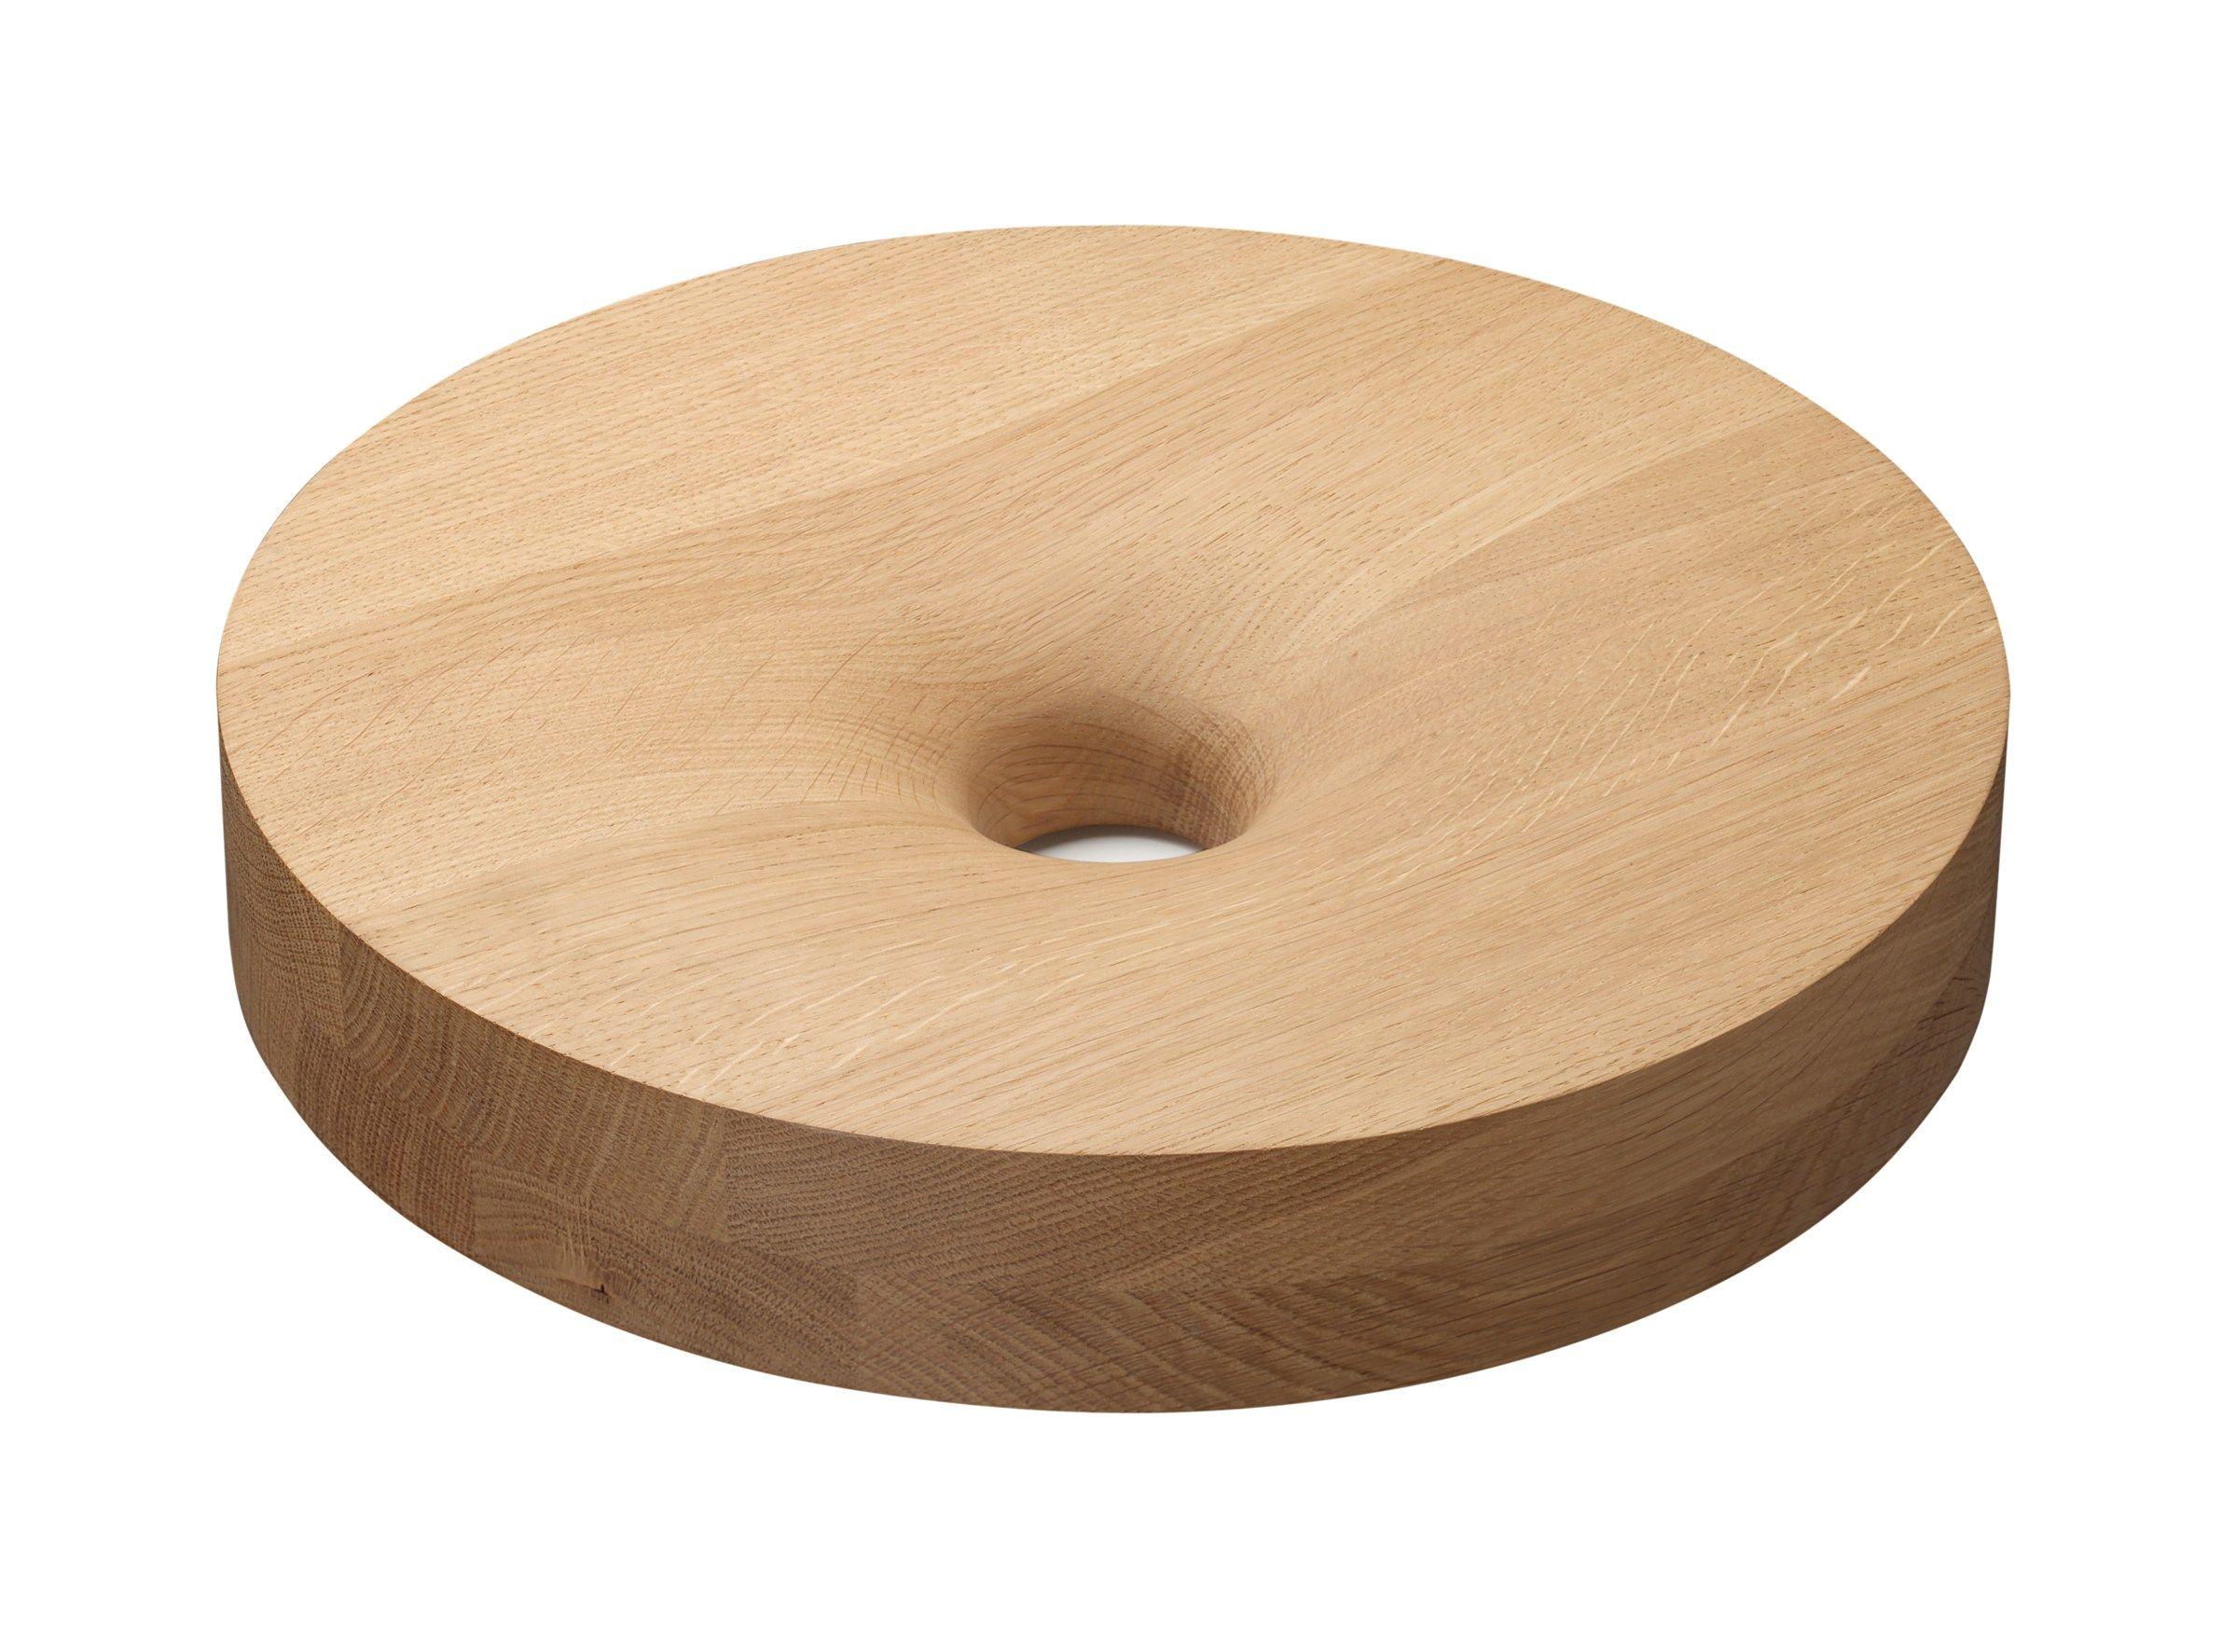 Portafrutta in legno ac09 turn by e15 design mark braun - Portafrutta in legno ...